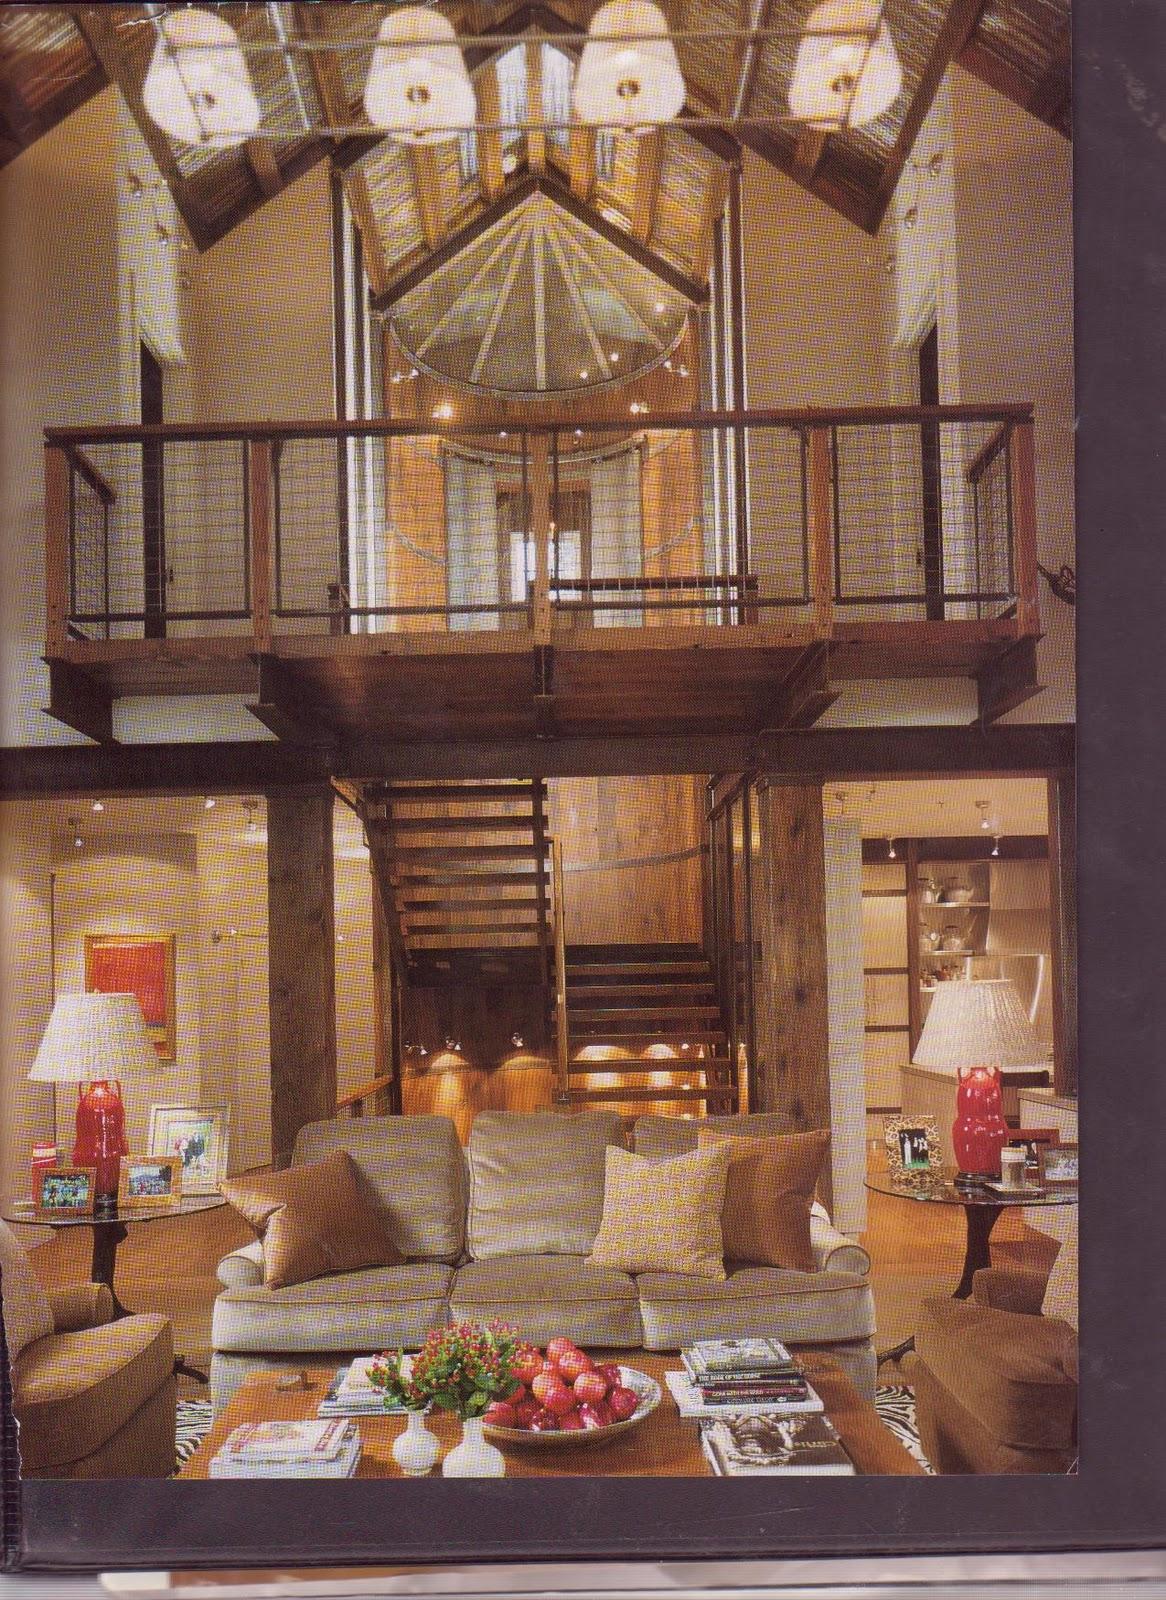 living room rustic industrial chic frog hill designs blog. Black Bedroom Furniture Sets. Home Design Ideas